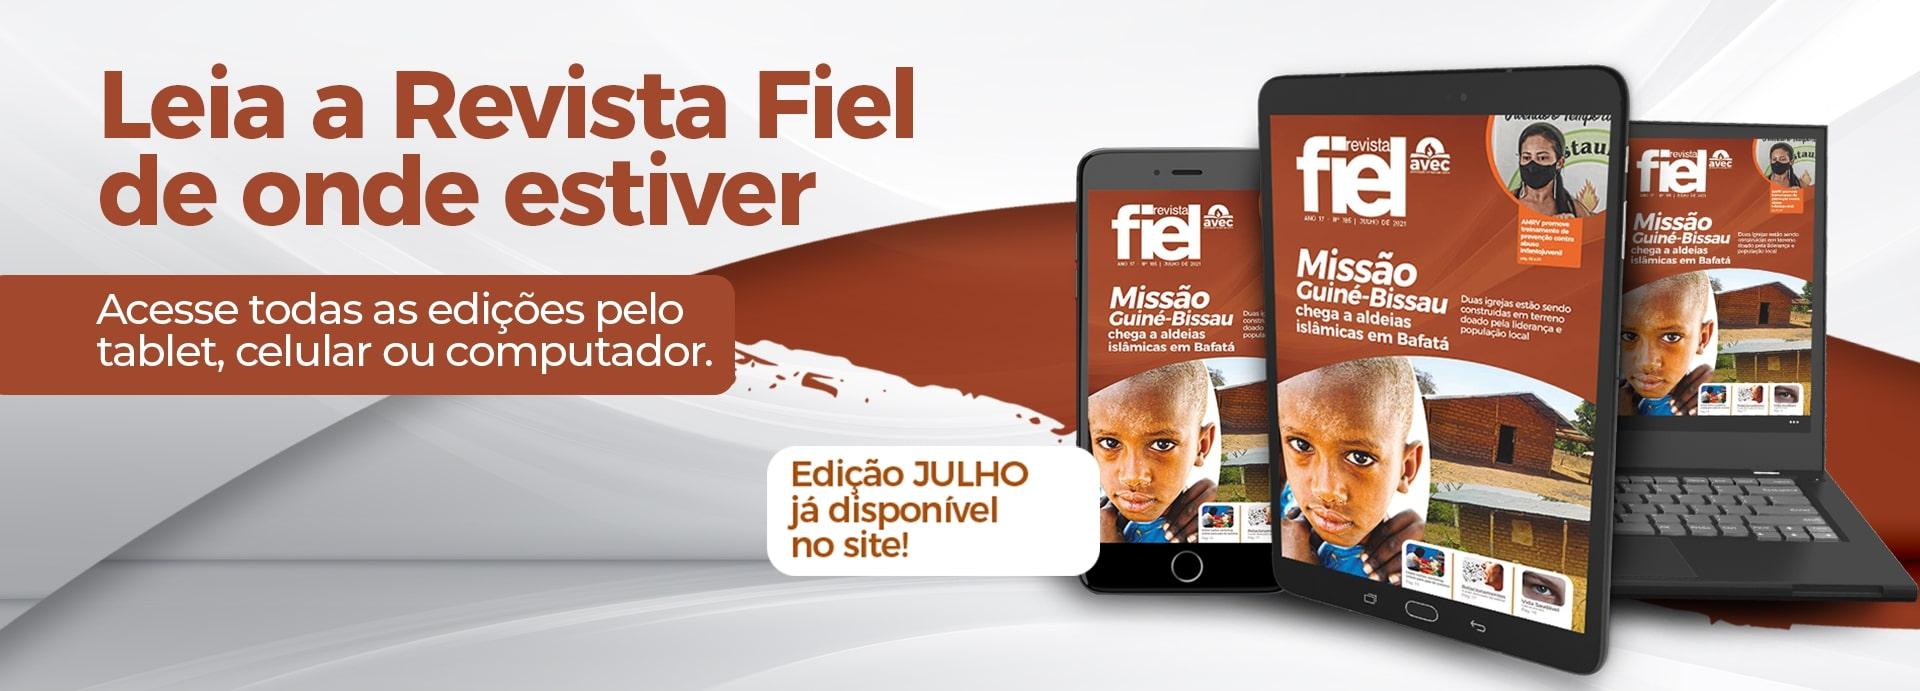 Revista Fiel